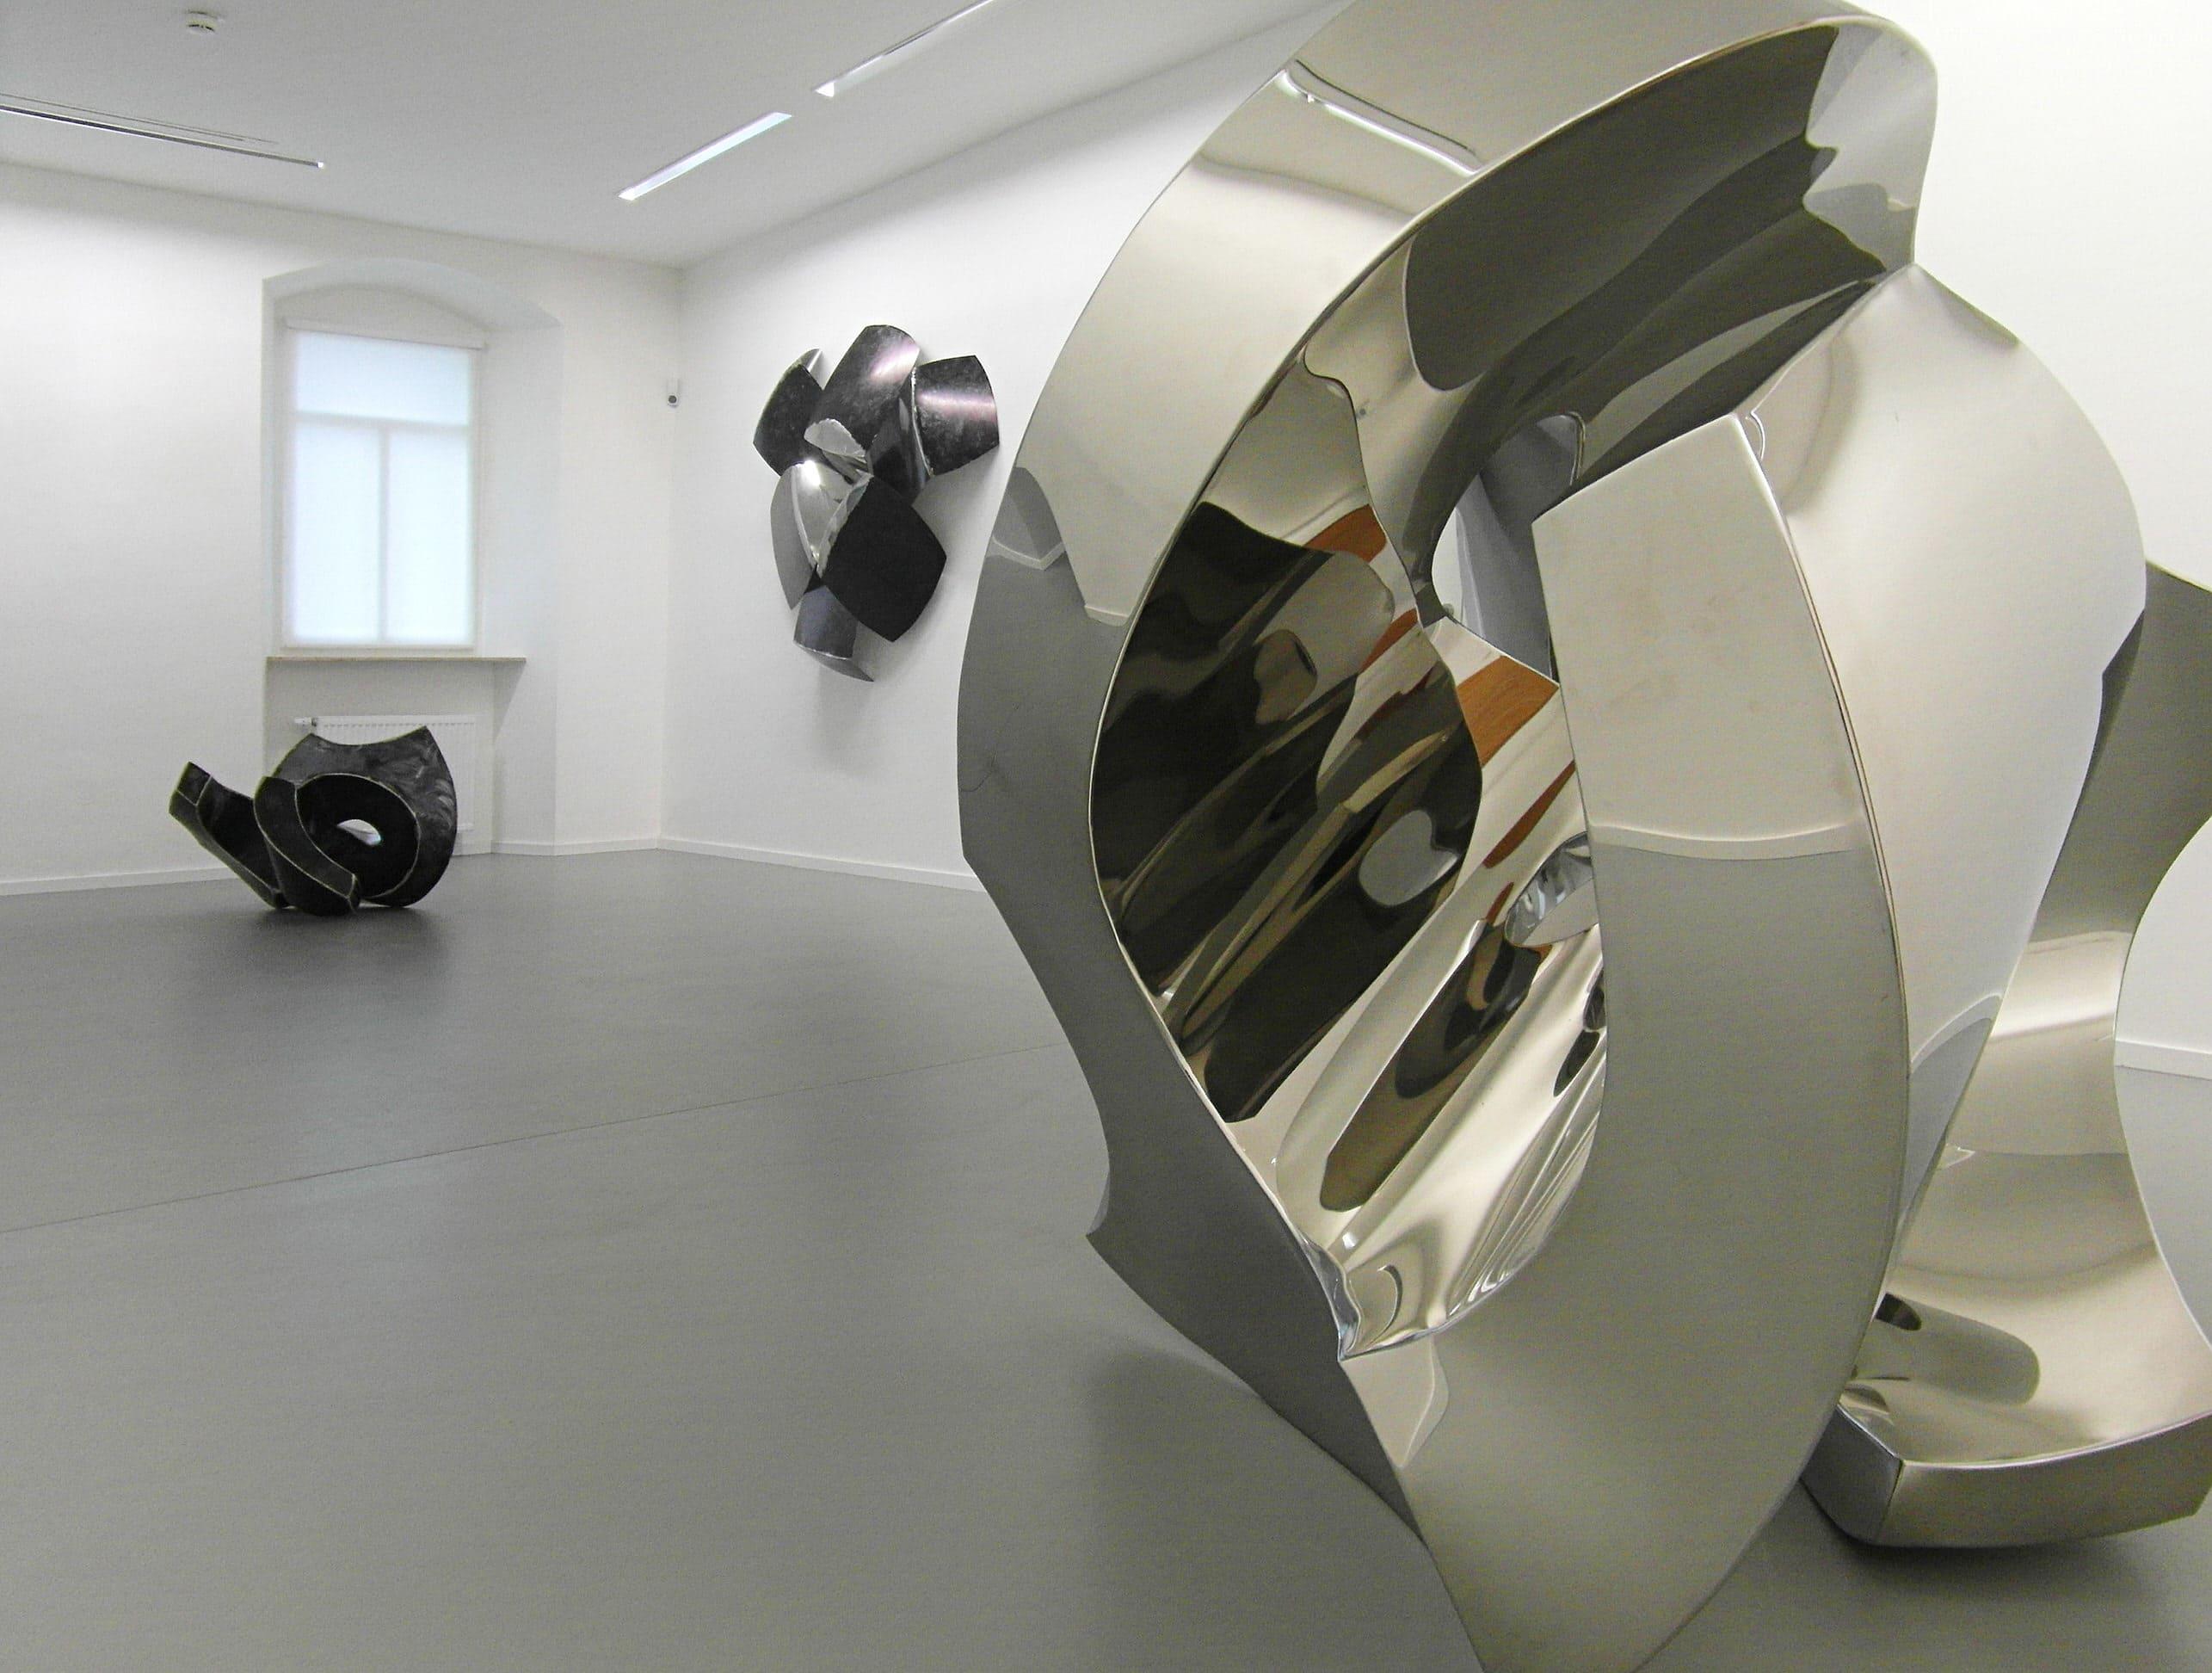 Städtische Galerie Fähre Bad Saulgau